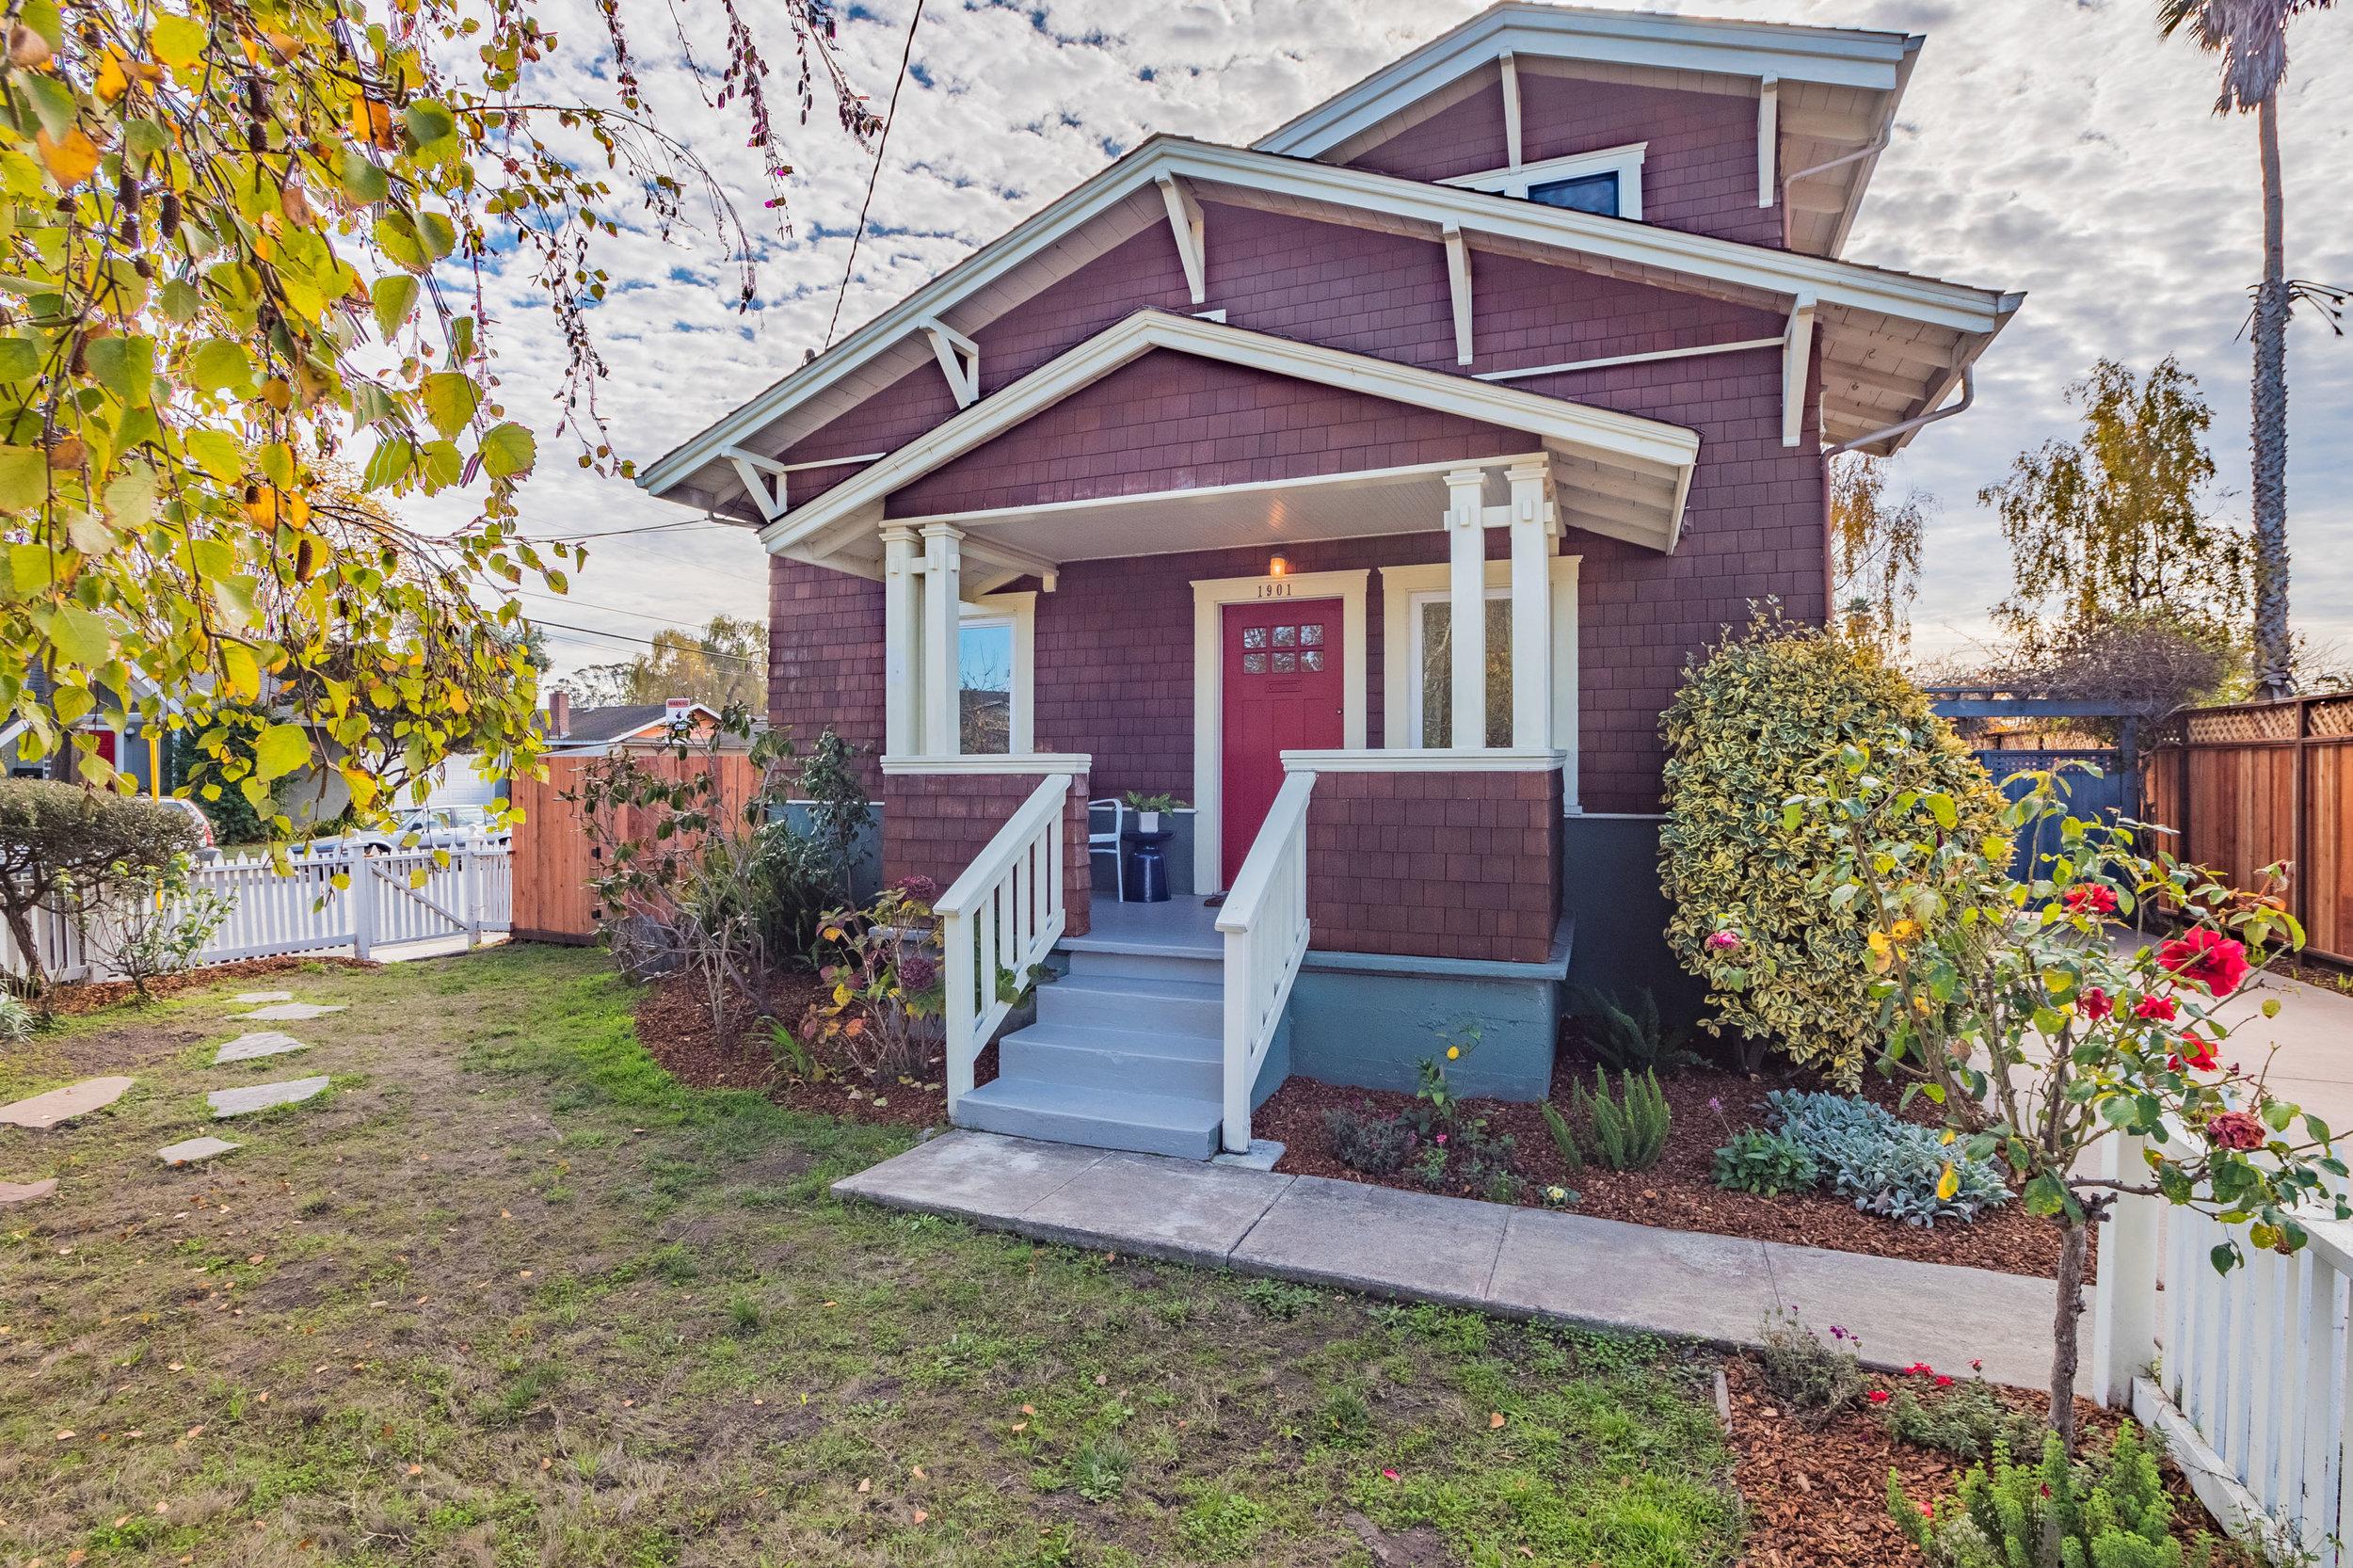 3 bedroom 2 Bathroom Home Lower Westside Santa Cruz